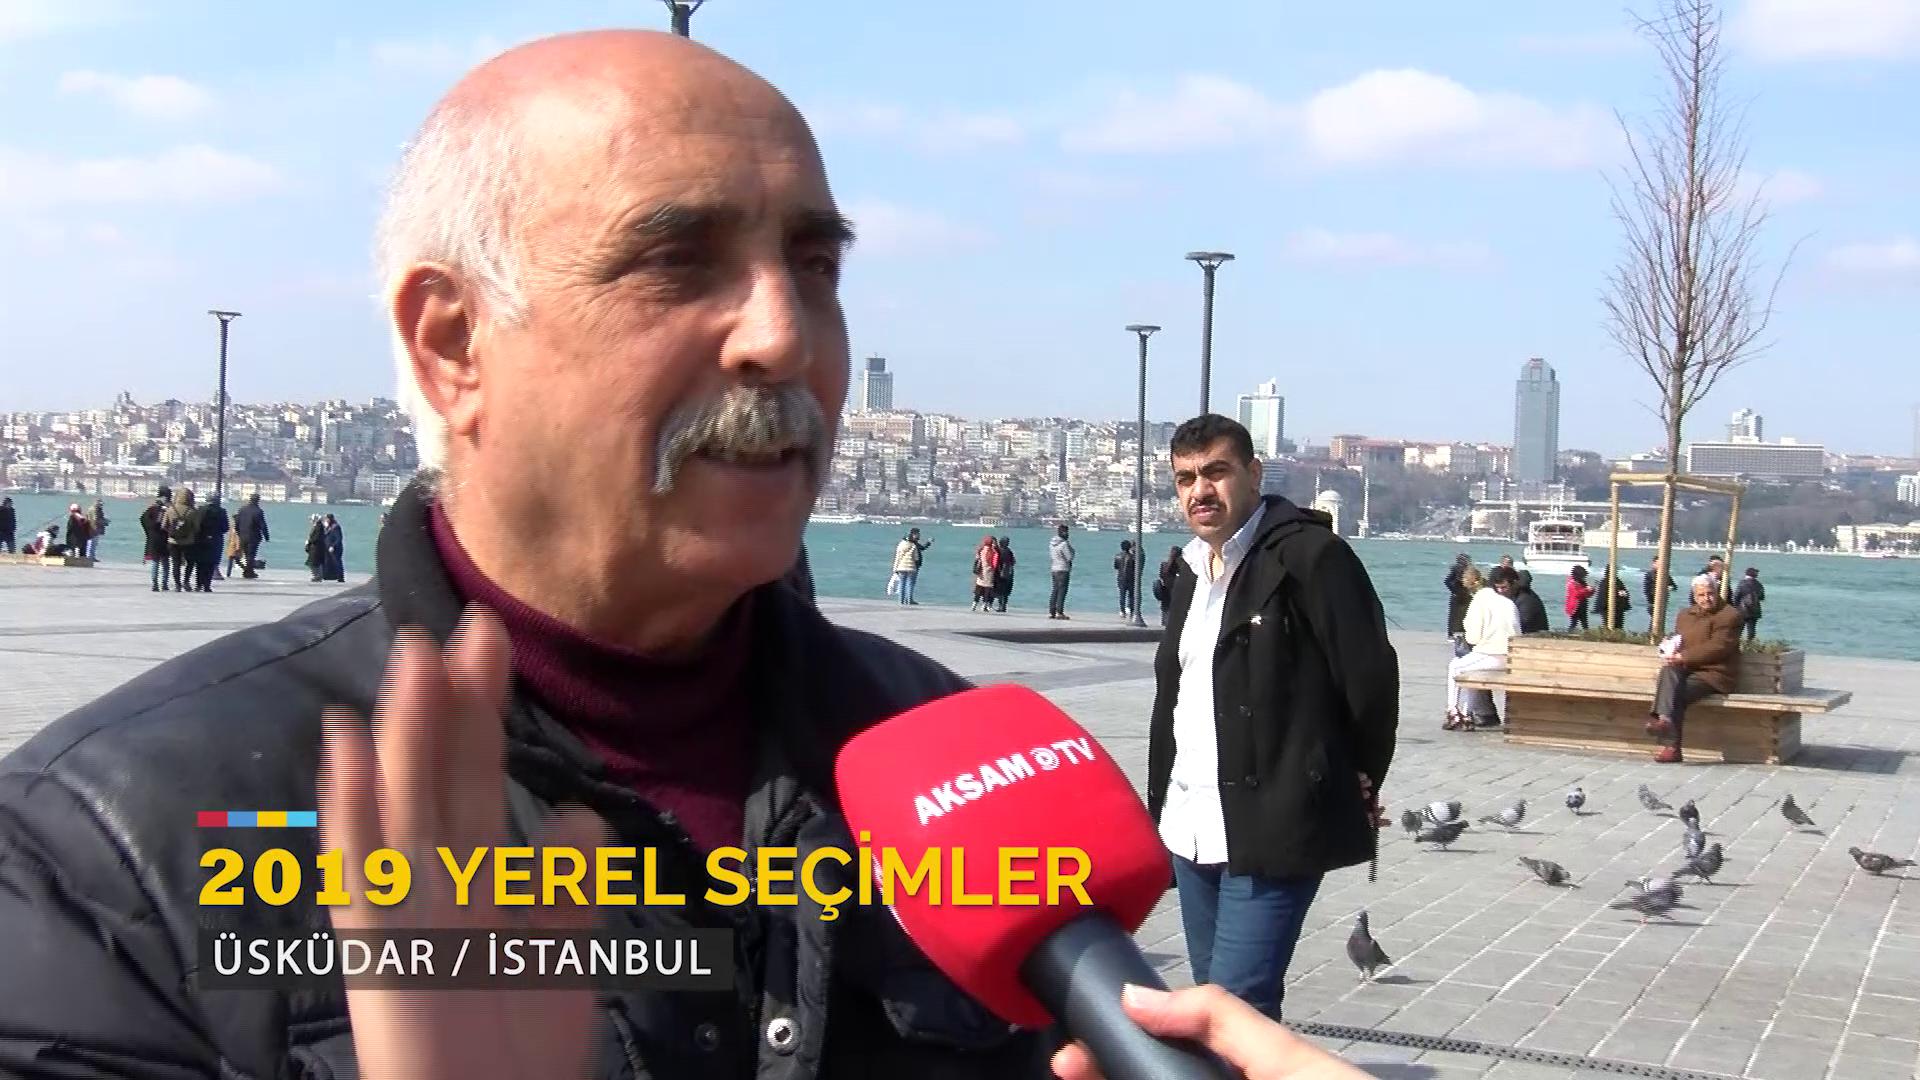 Akşam TV Yerel Seçim Öncesi Üsküdar'da Halkın Nabzını Tuttu